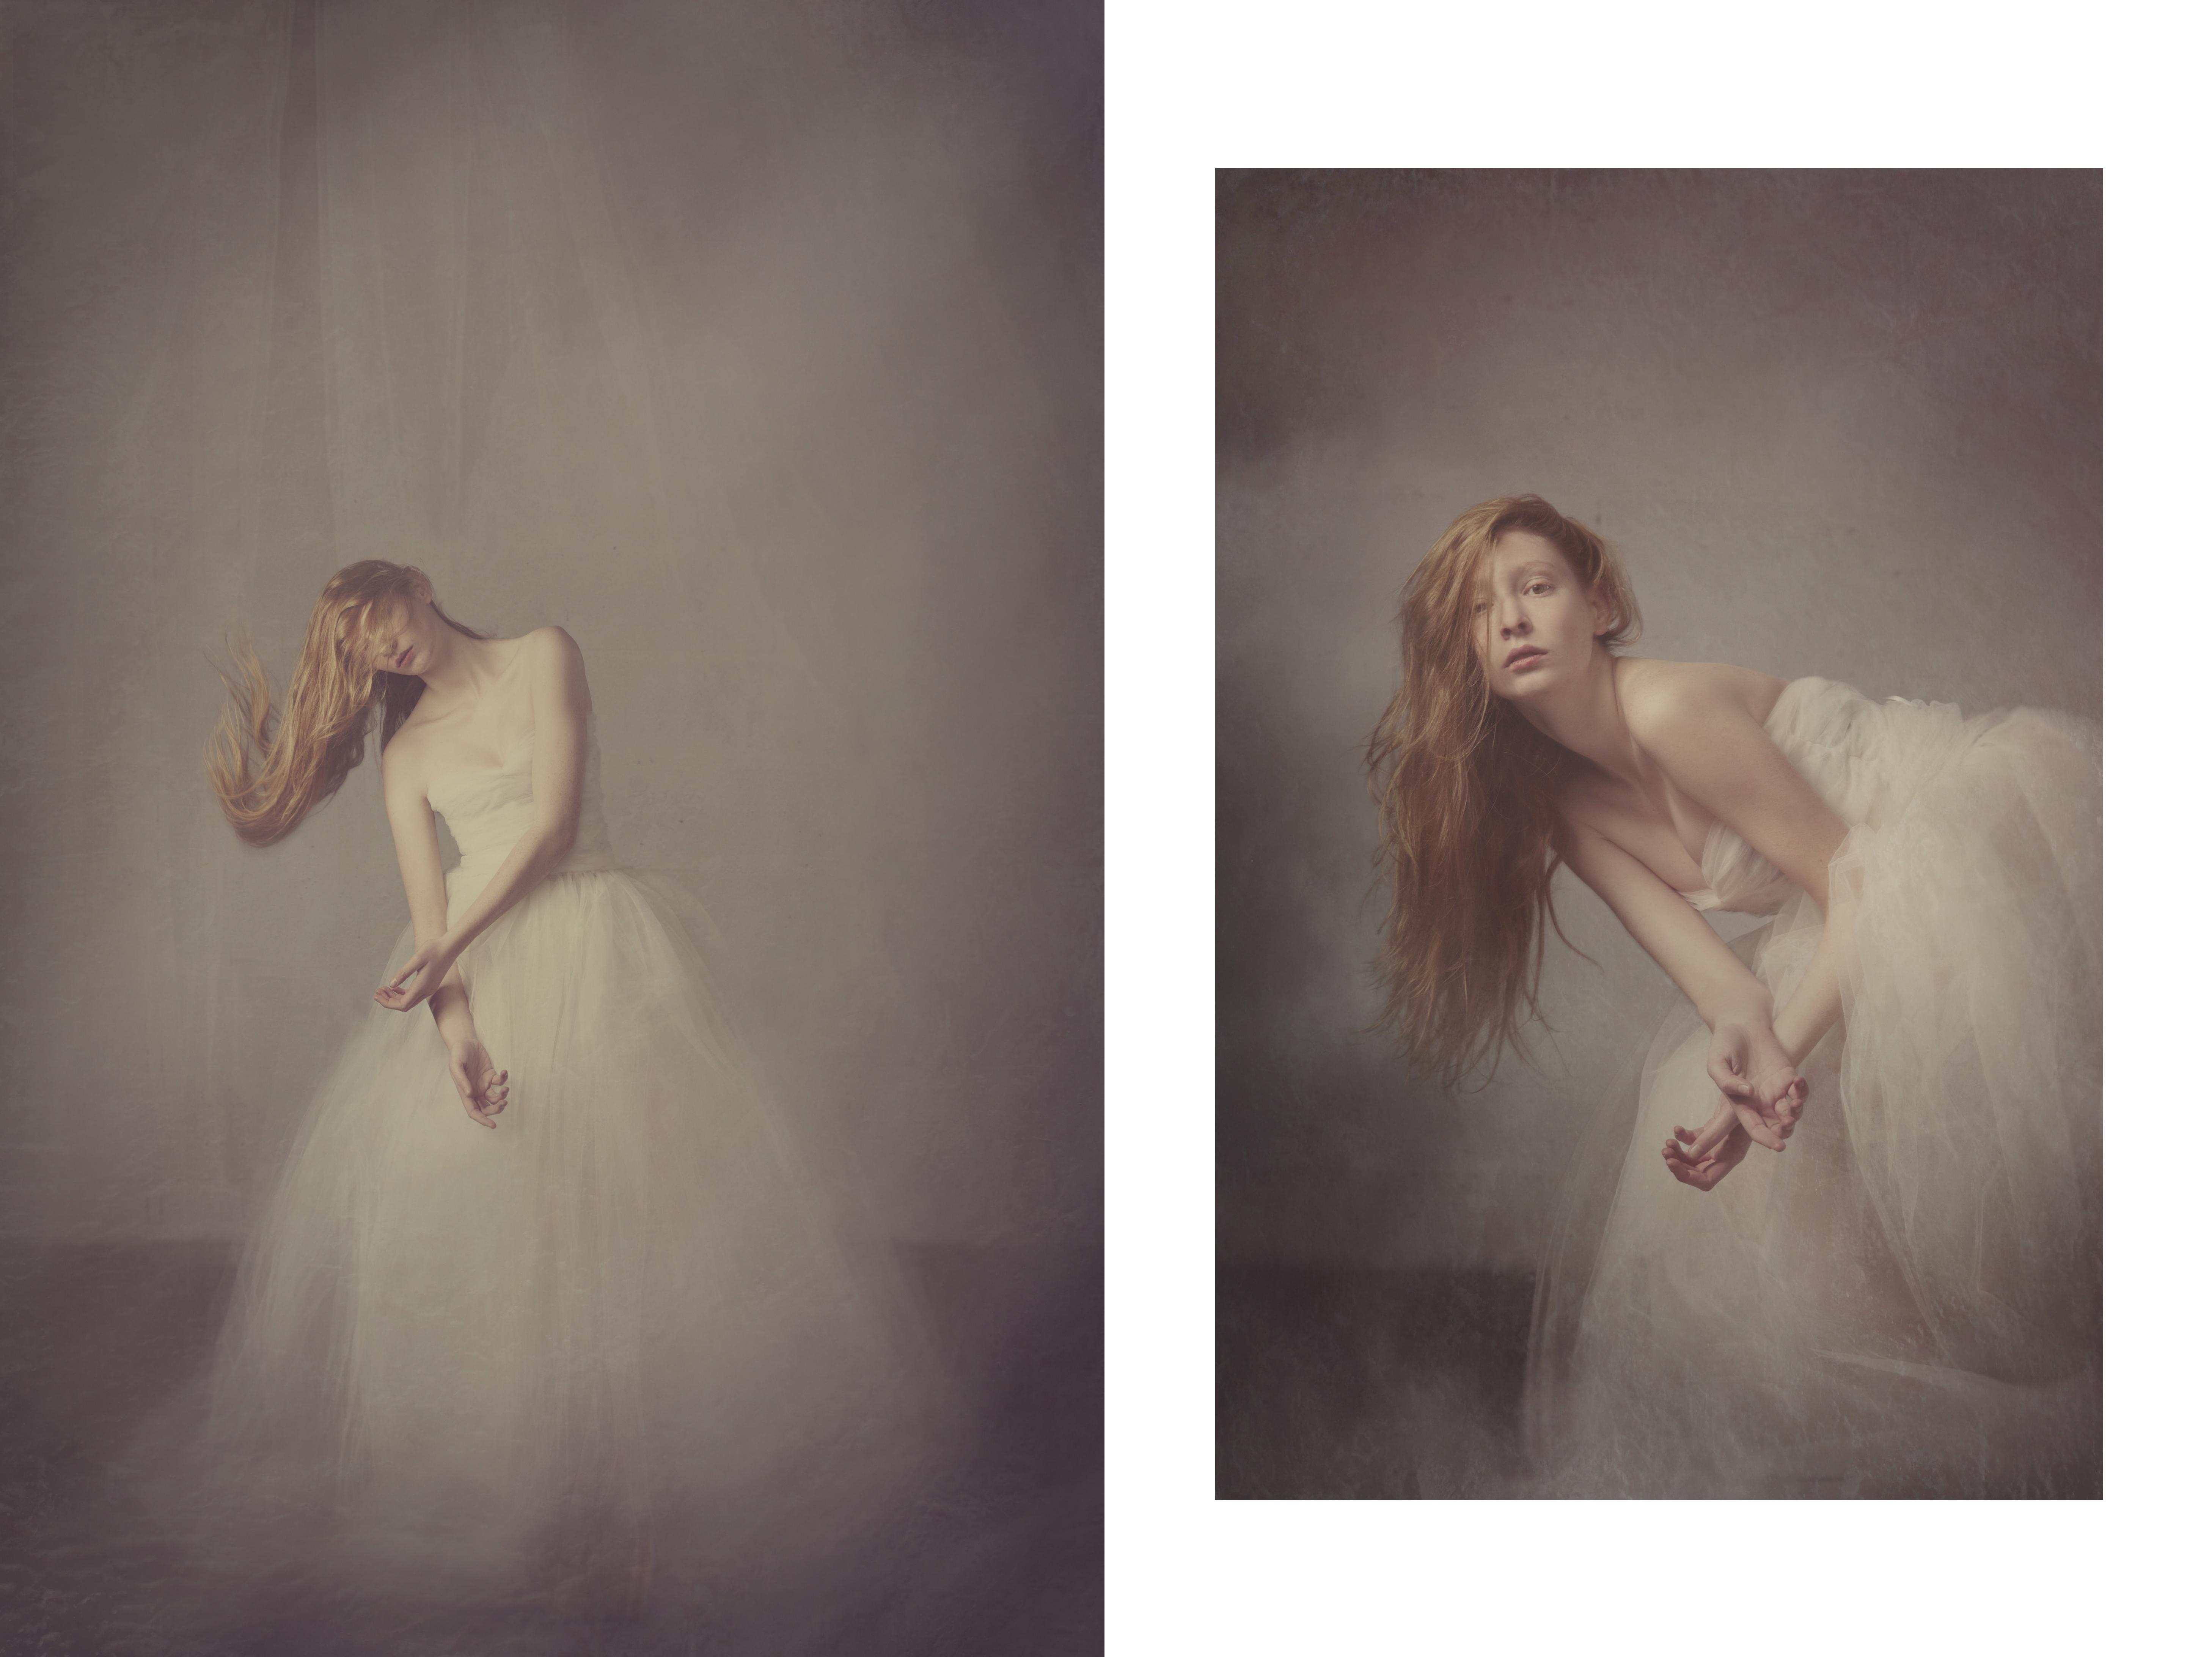 photographe tours portrait paris danse book commedien studio1